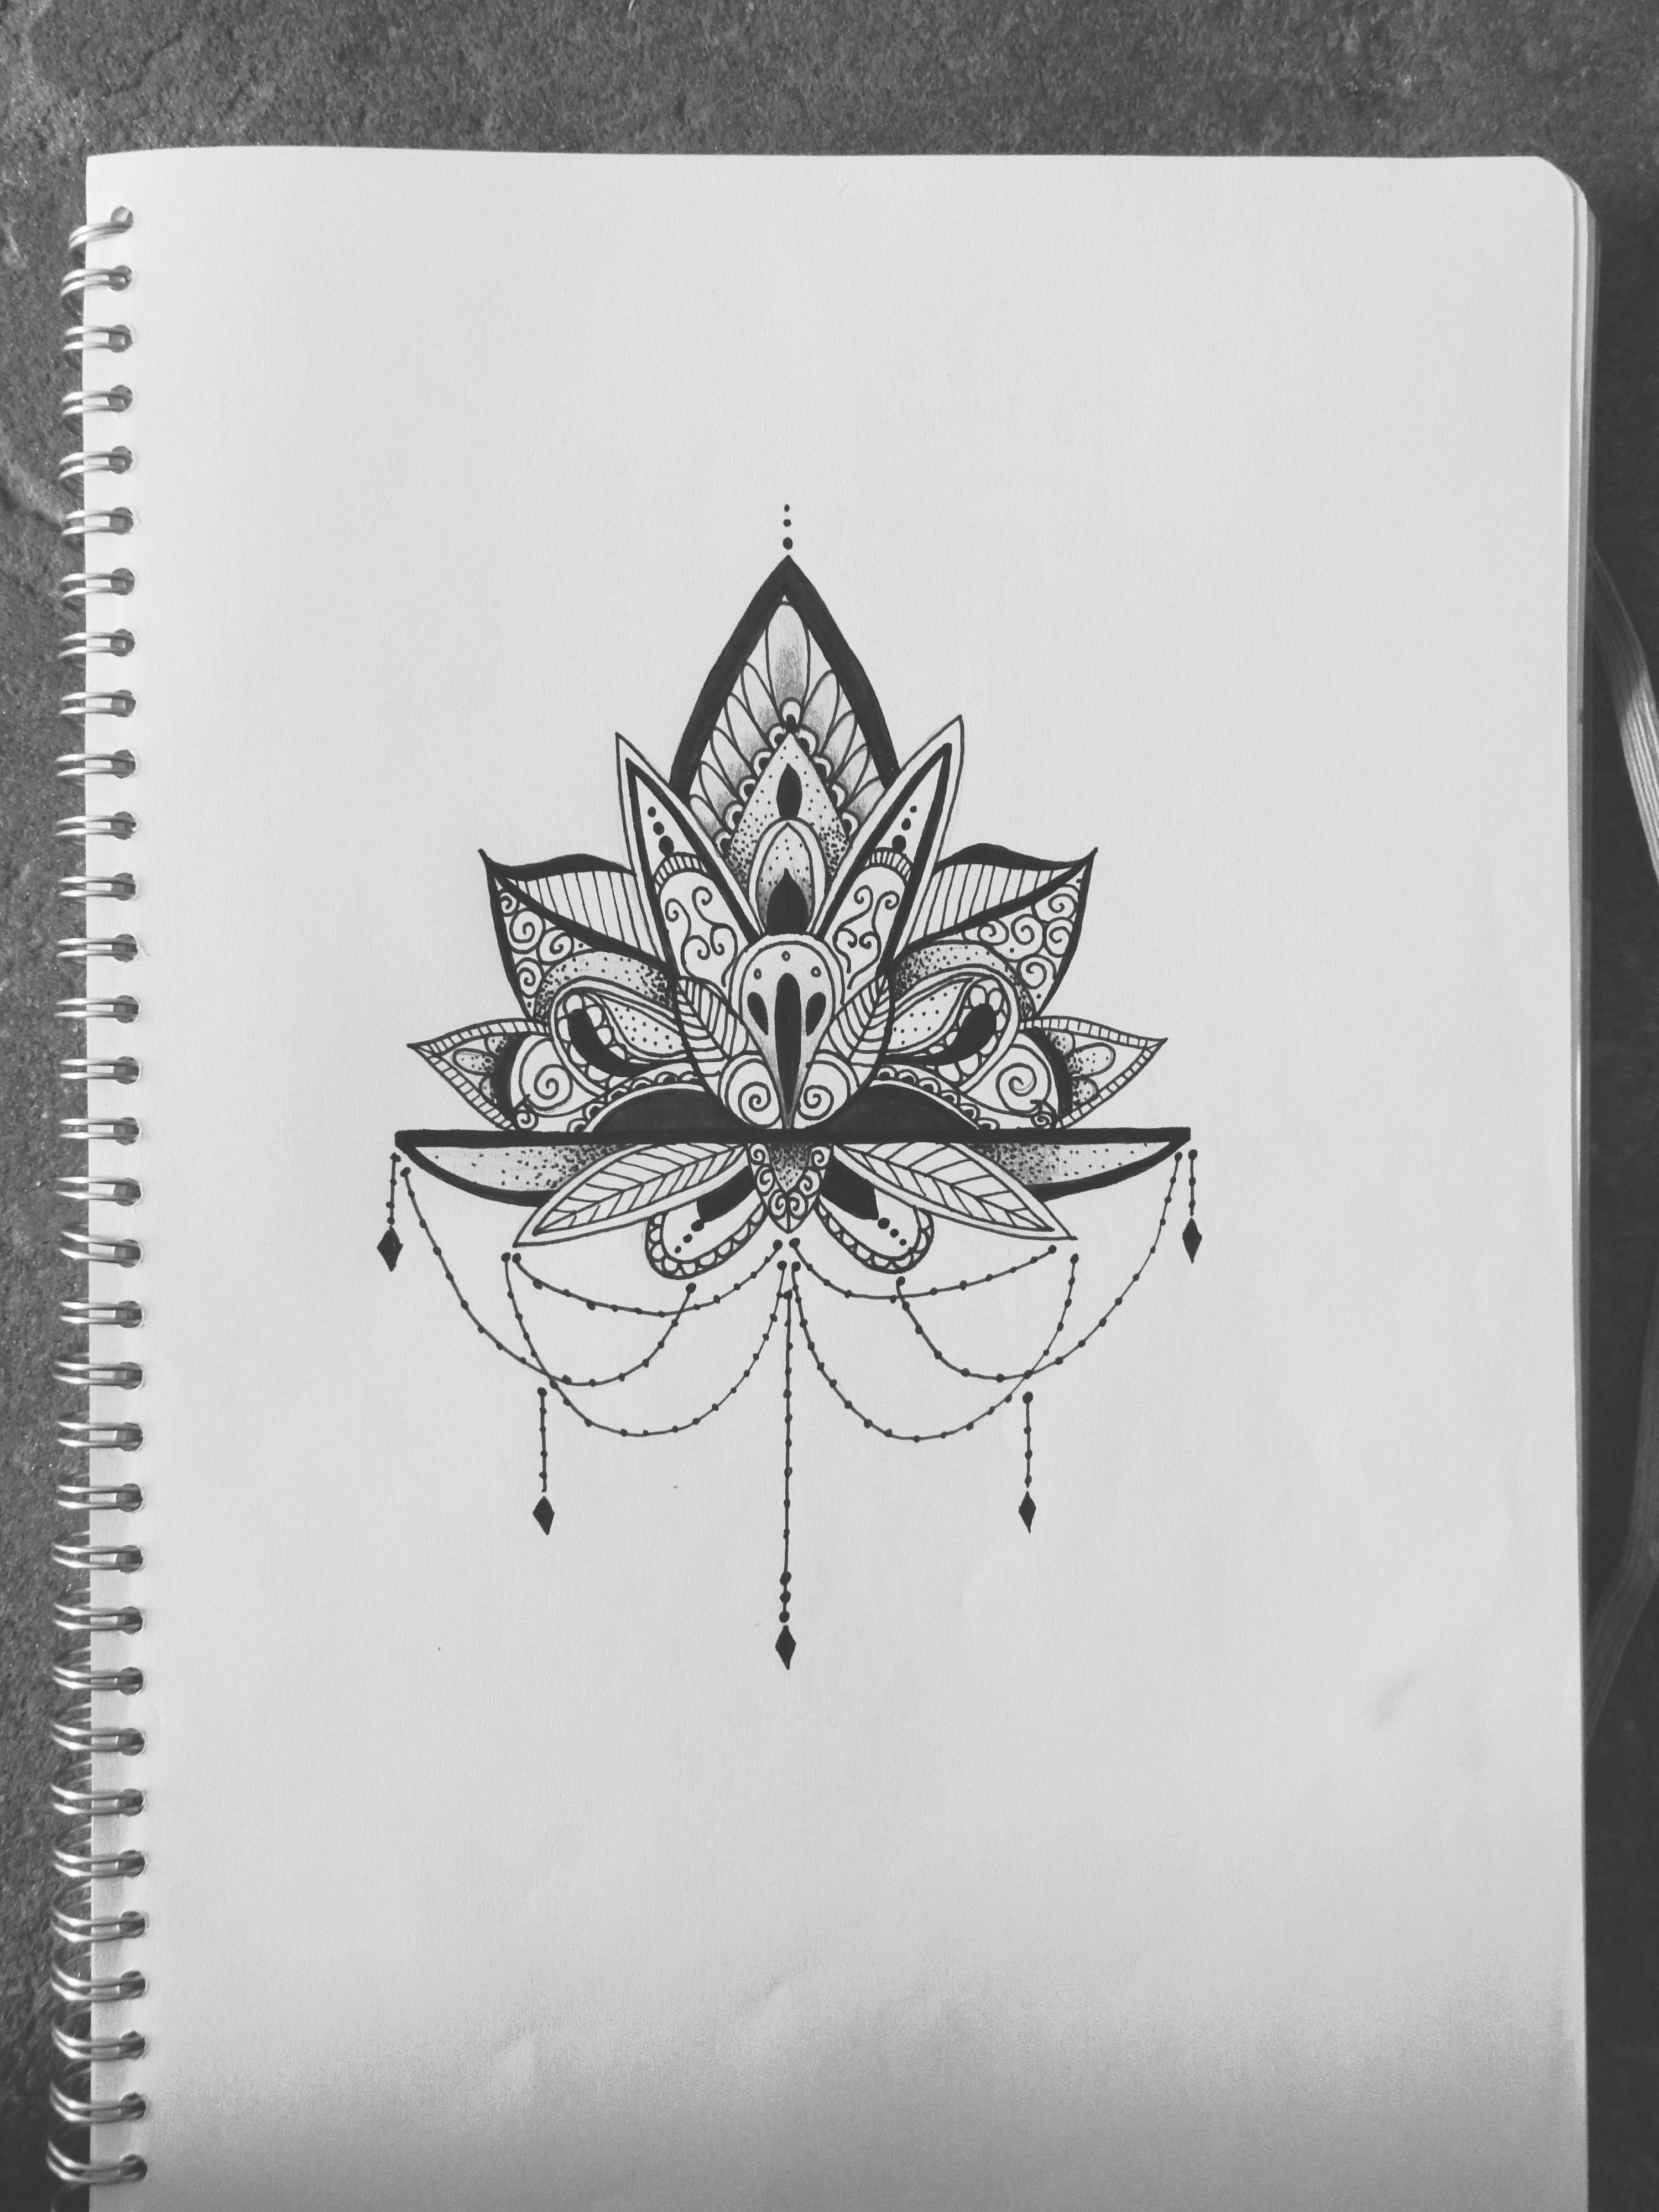 lotus mandala tattoo design illustration.